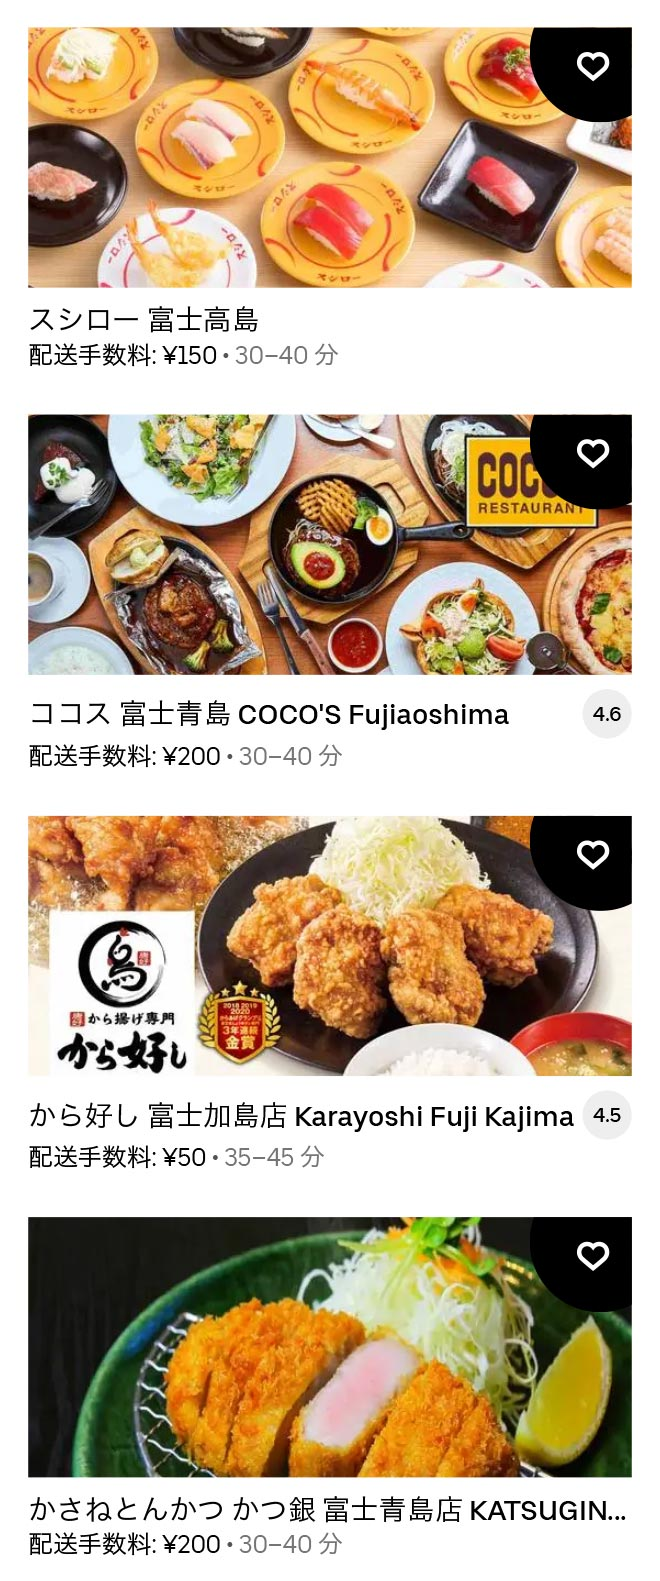 U fuji menu 2104 05